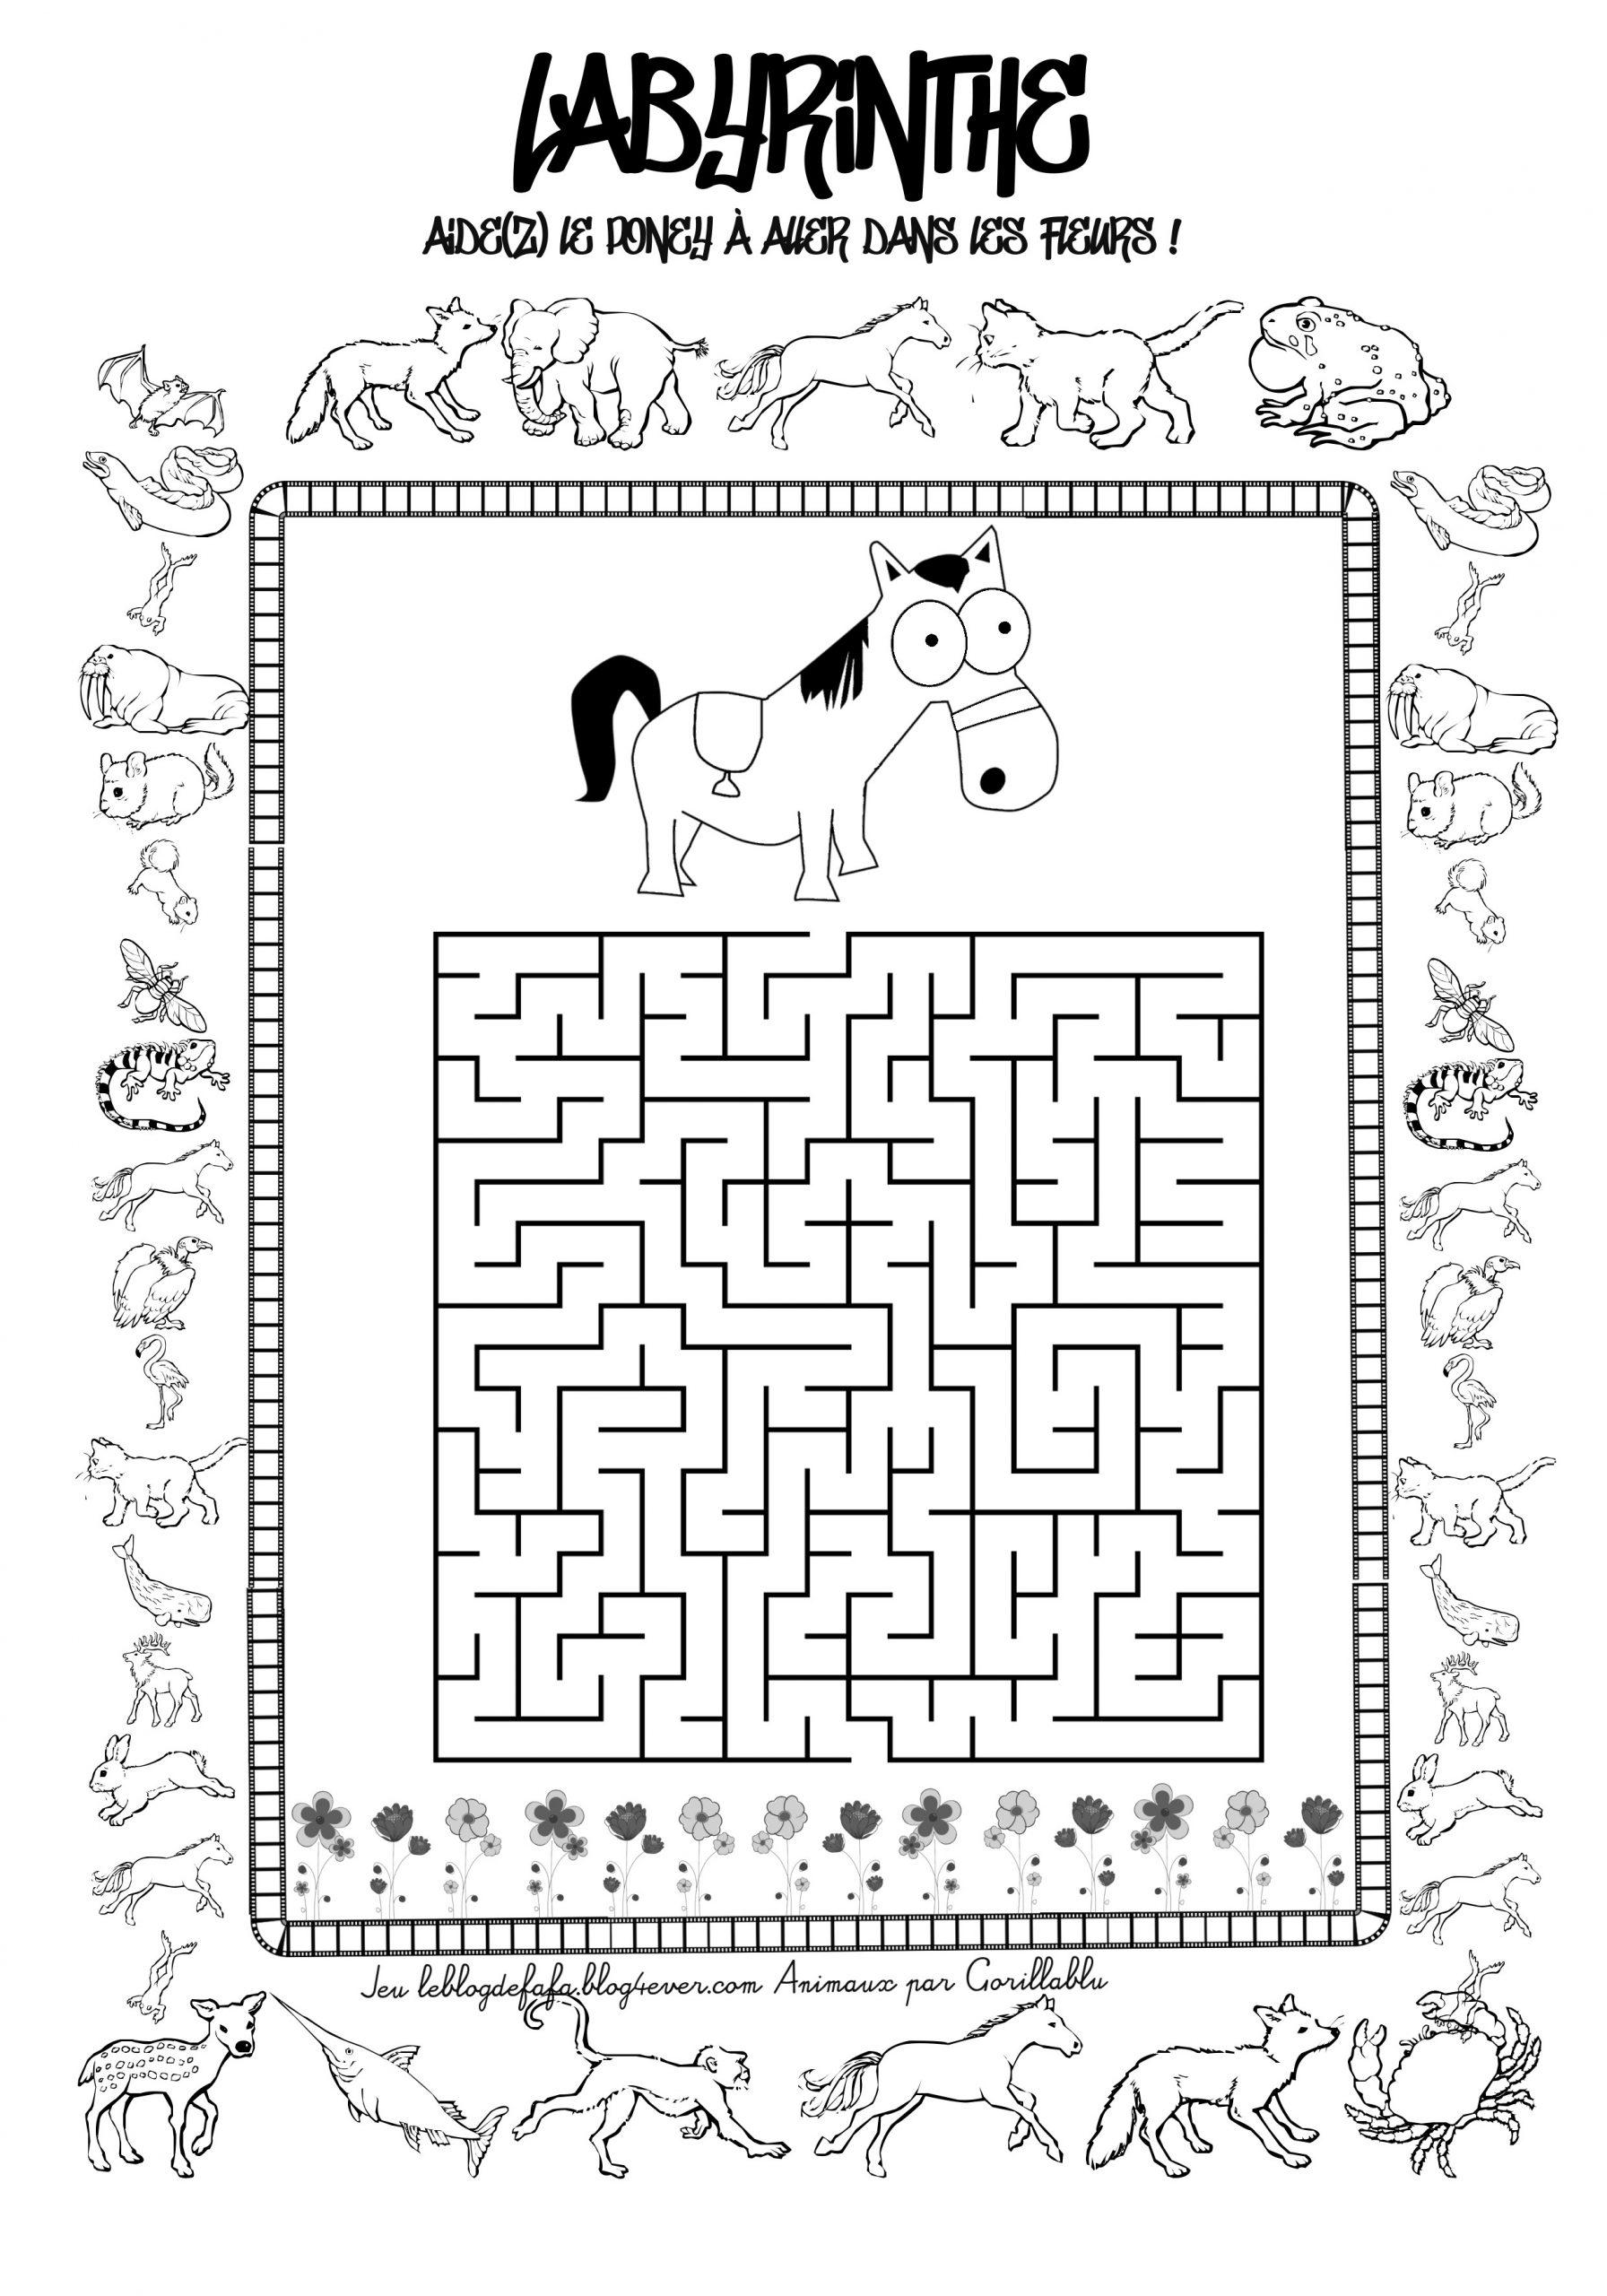 Jeux Chevaux Gratuits À Imprimer : Labyrinthes, Apprendre À avec Jeux Point A Relier